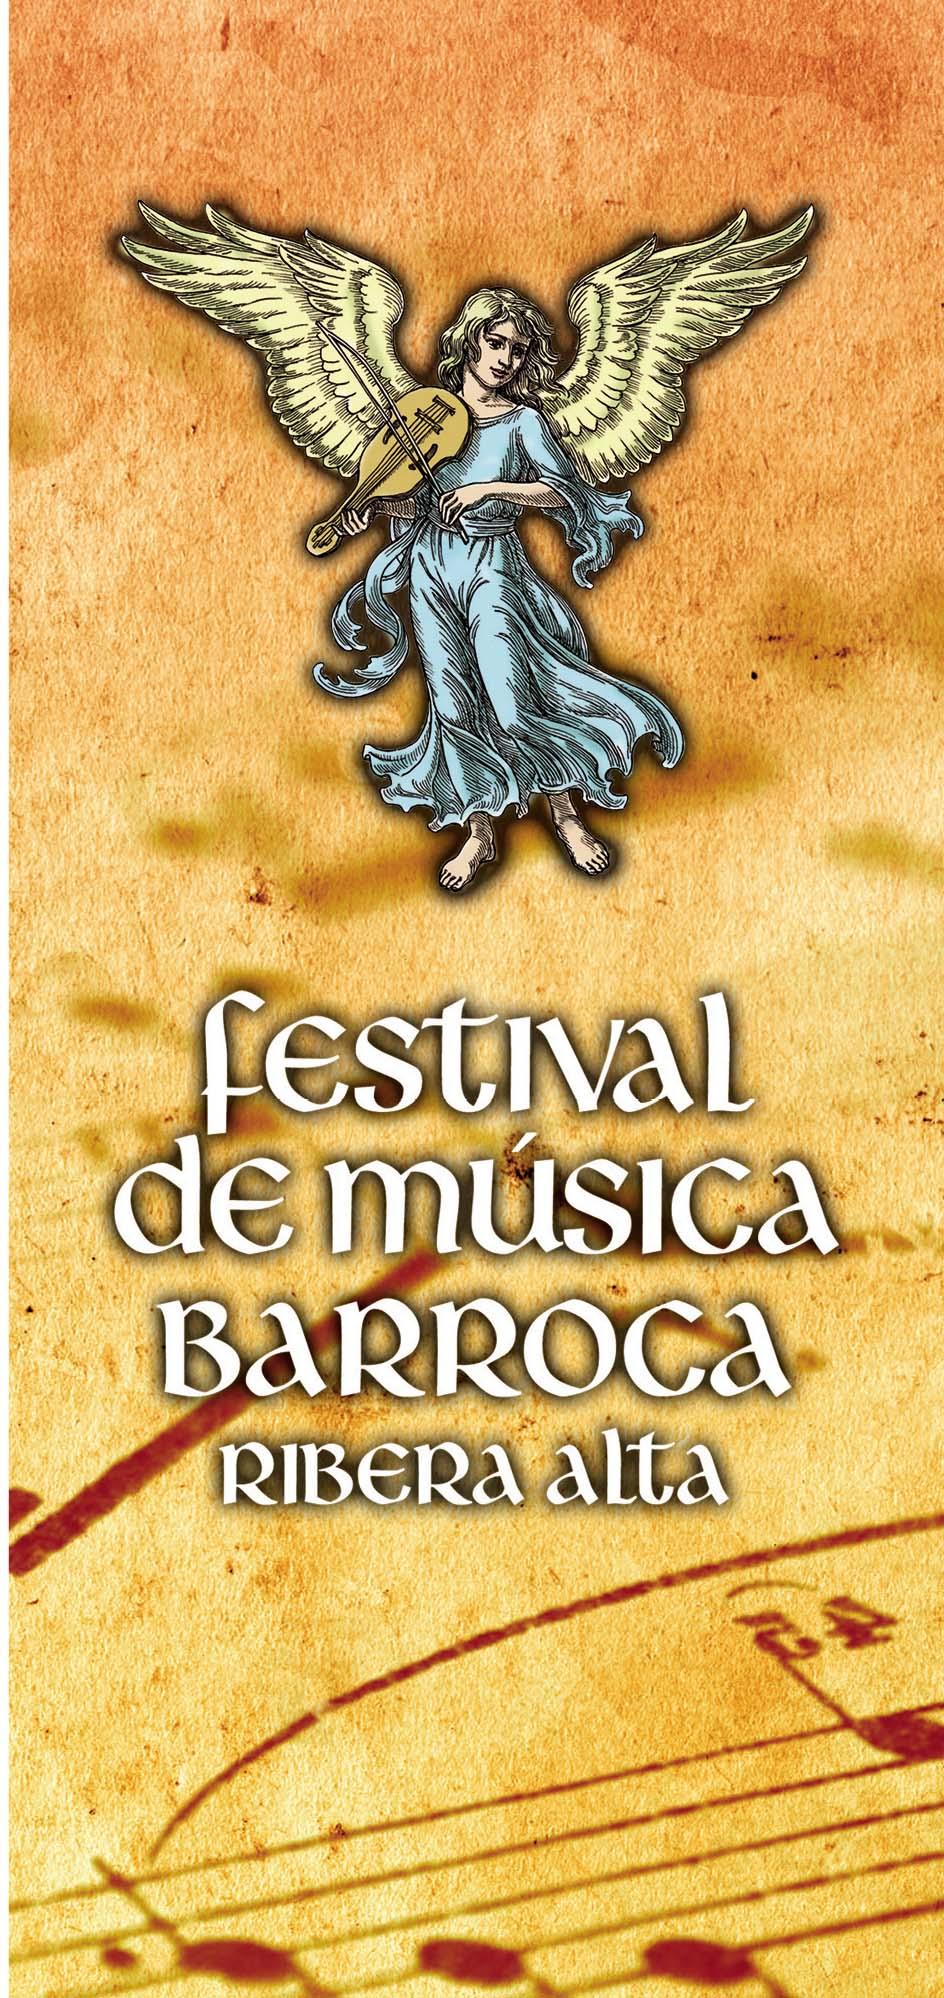 FestivalBarroco1